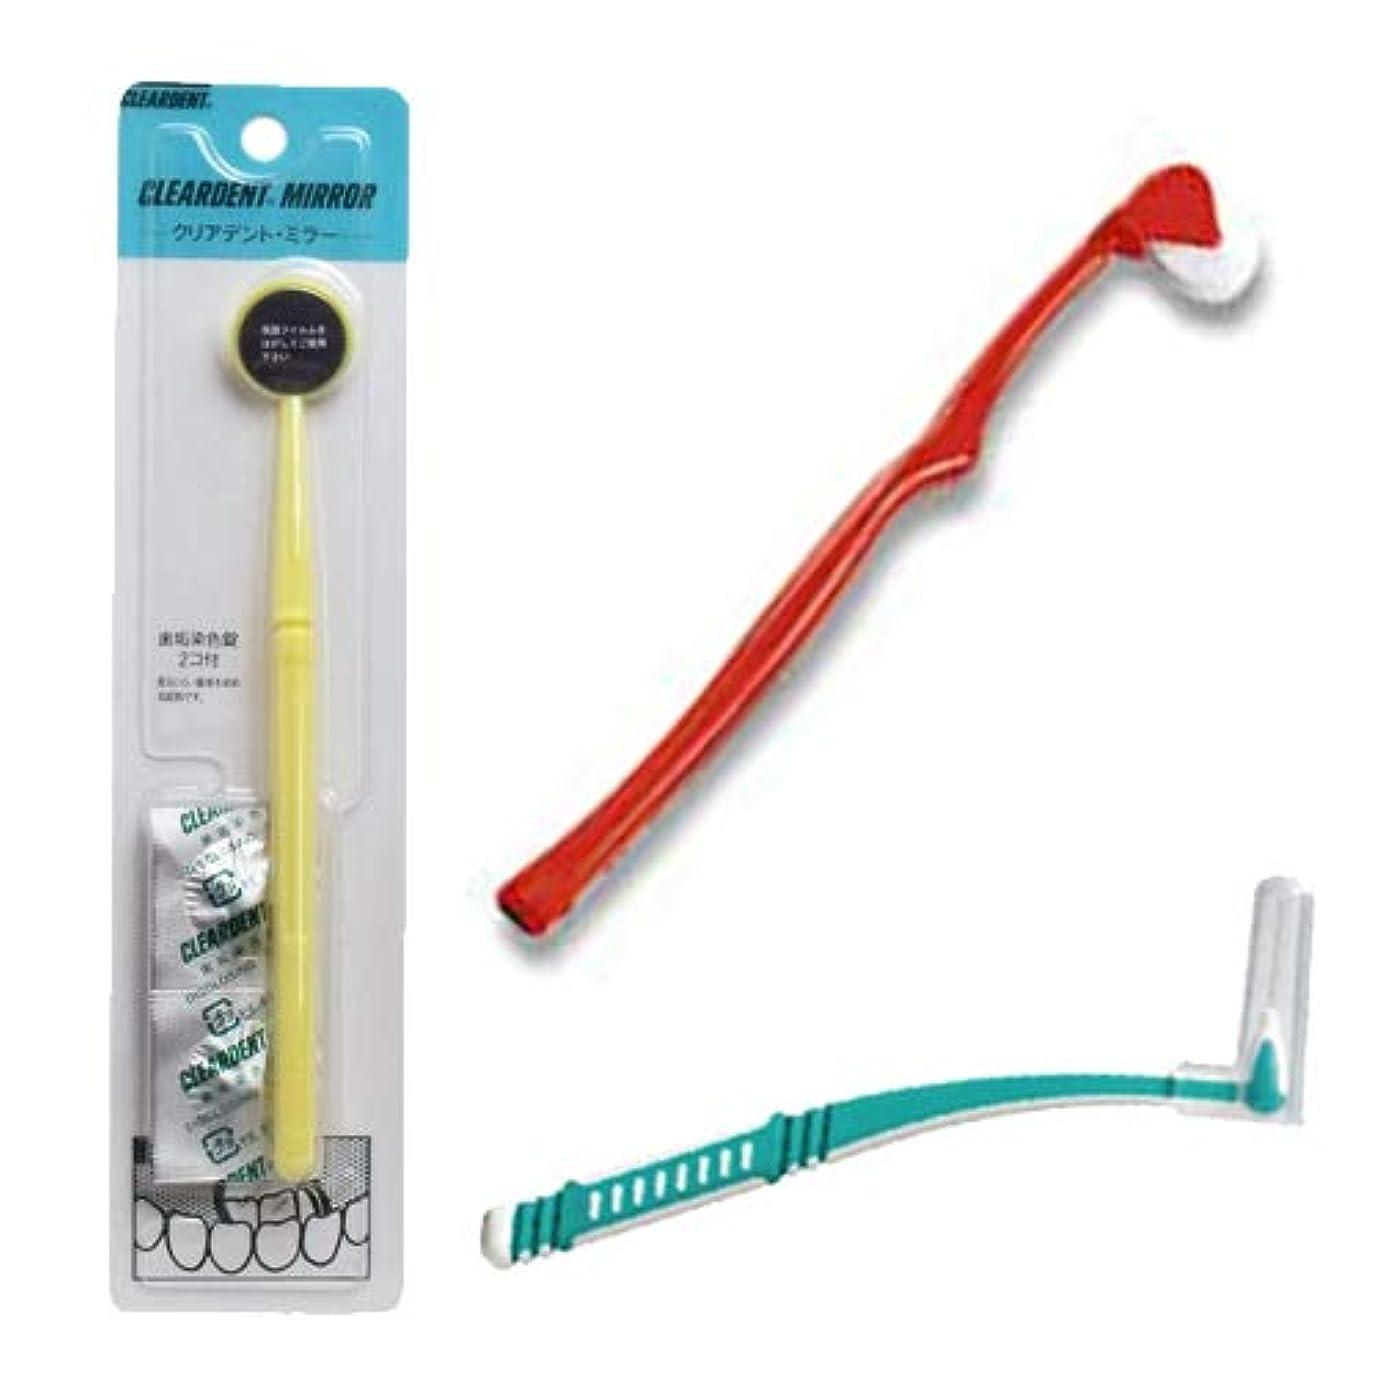 薬を飲むなめらか振る舞いクリアデント ミラー 歯垢染色錠2個付×1個 カラーはおまかせ + コロコロブラシ コロコロ歯ブラシ 単色(カラーはおまかせ) + L字型歯間ブラシ(個包装)